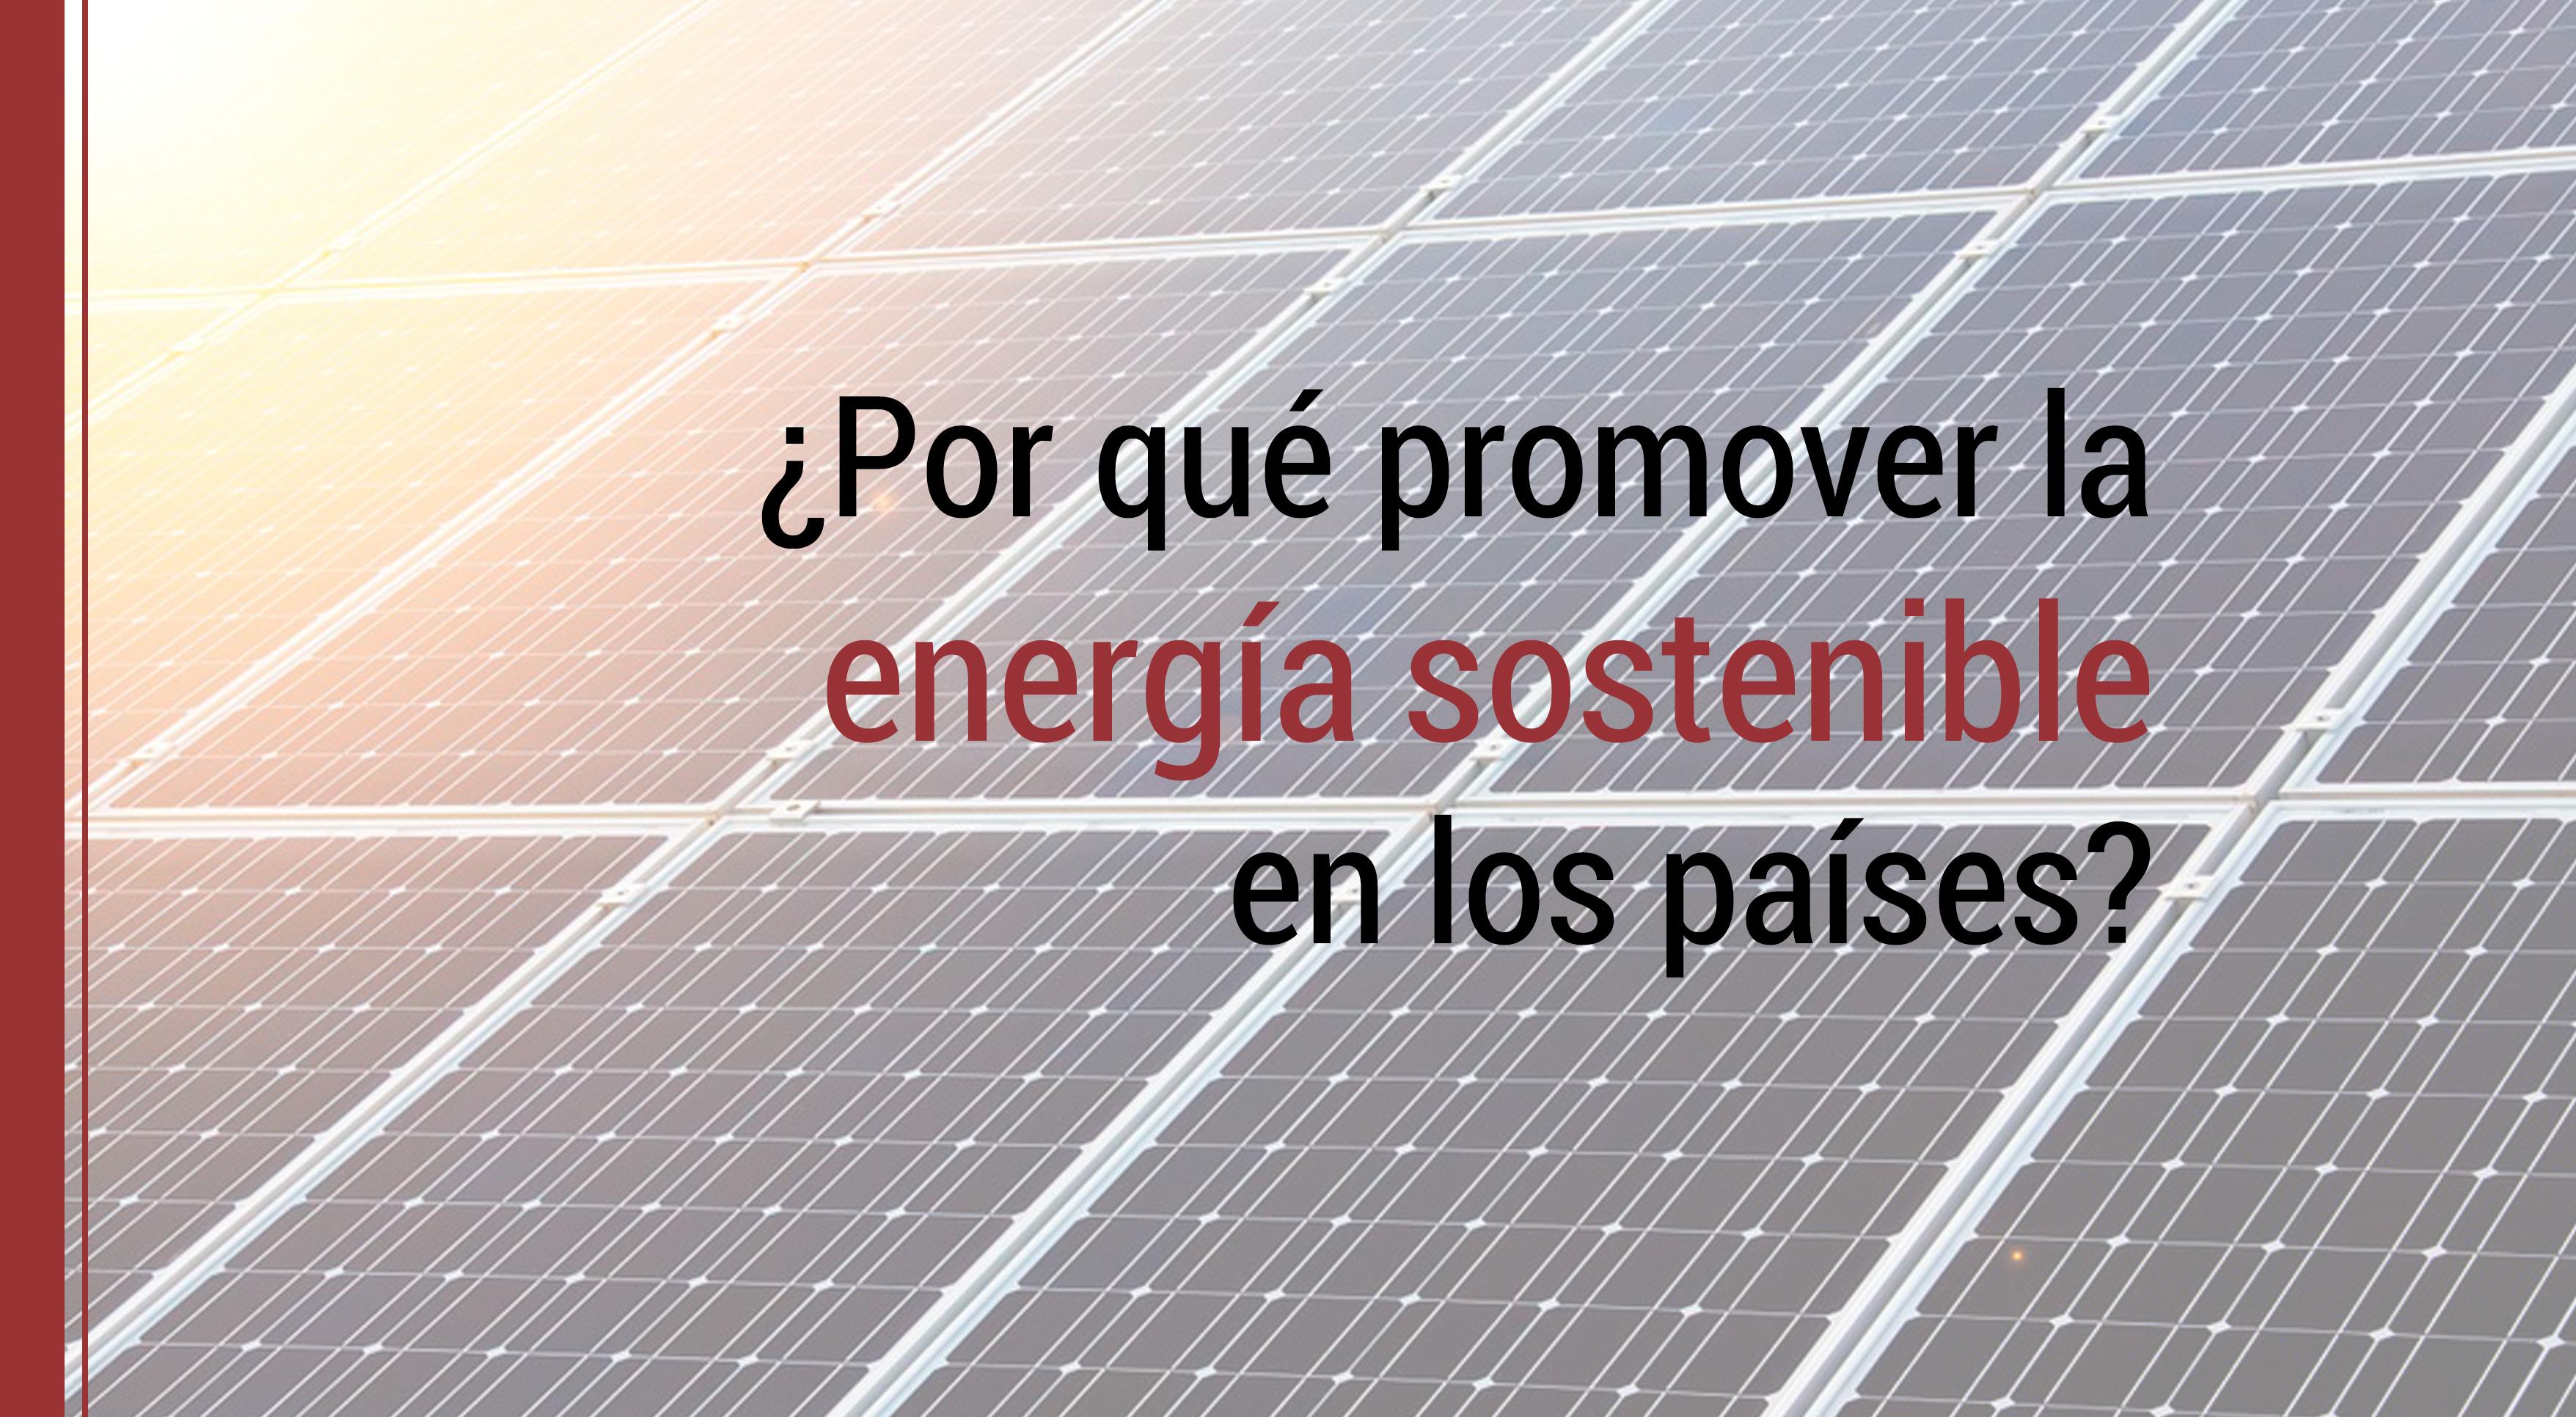 energia sostenible en los paises